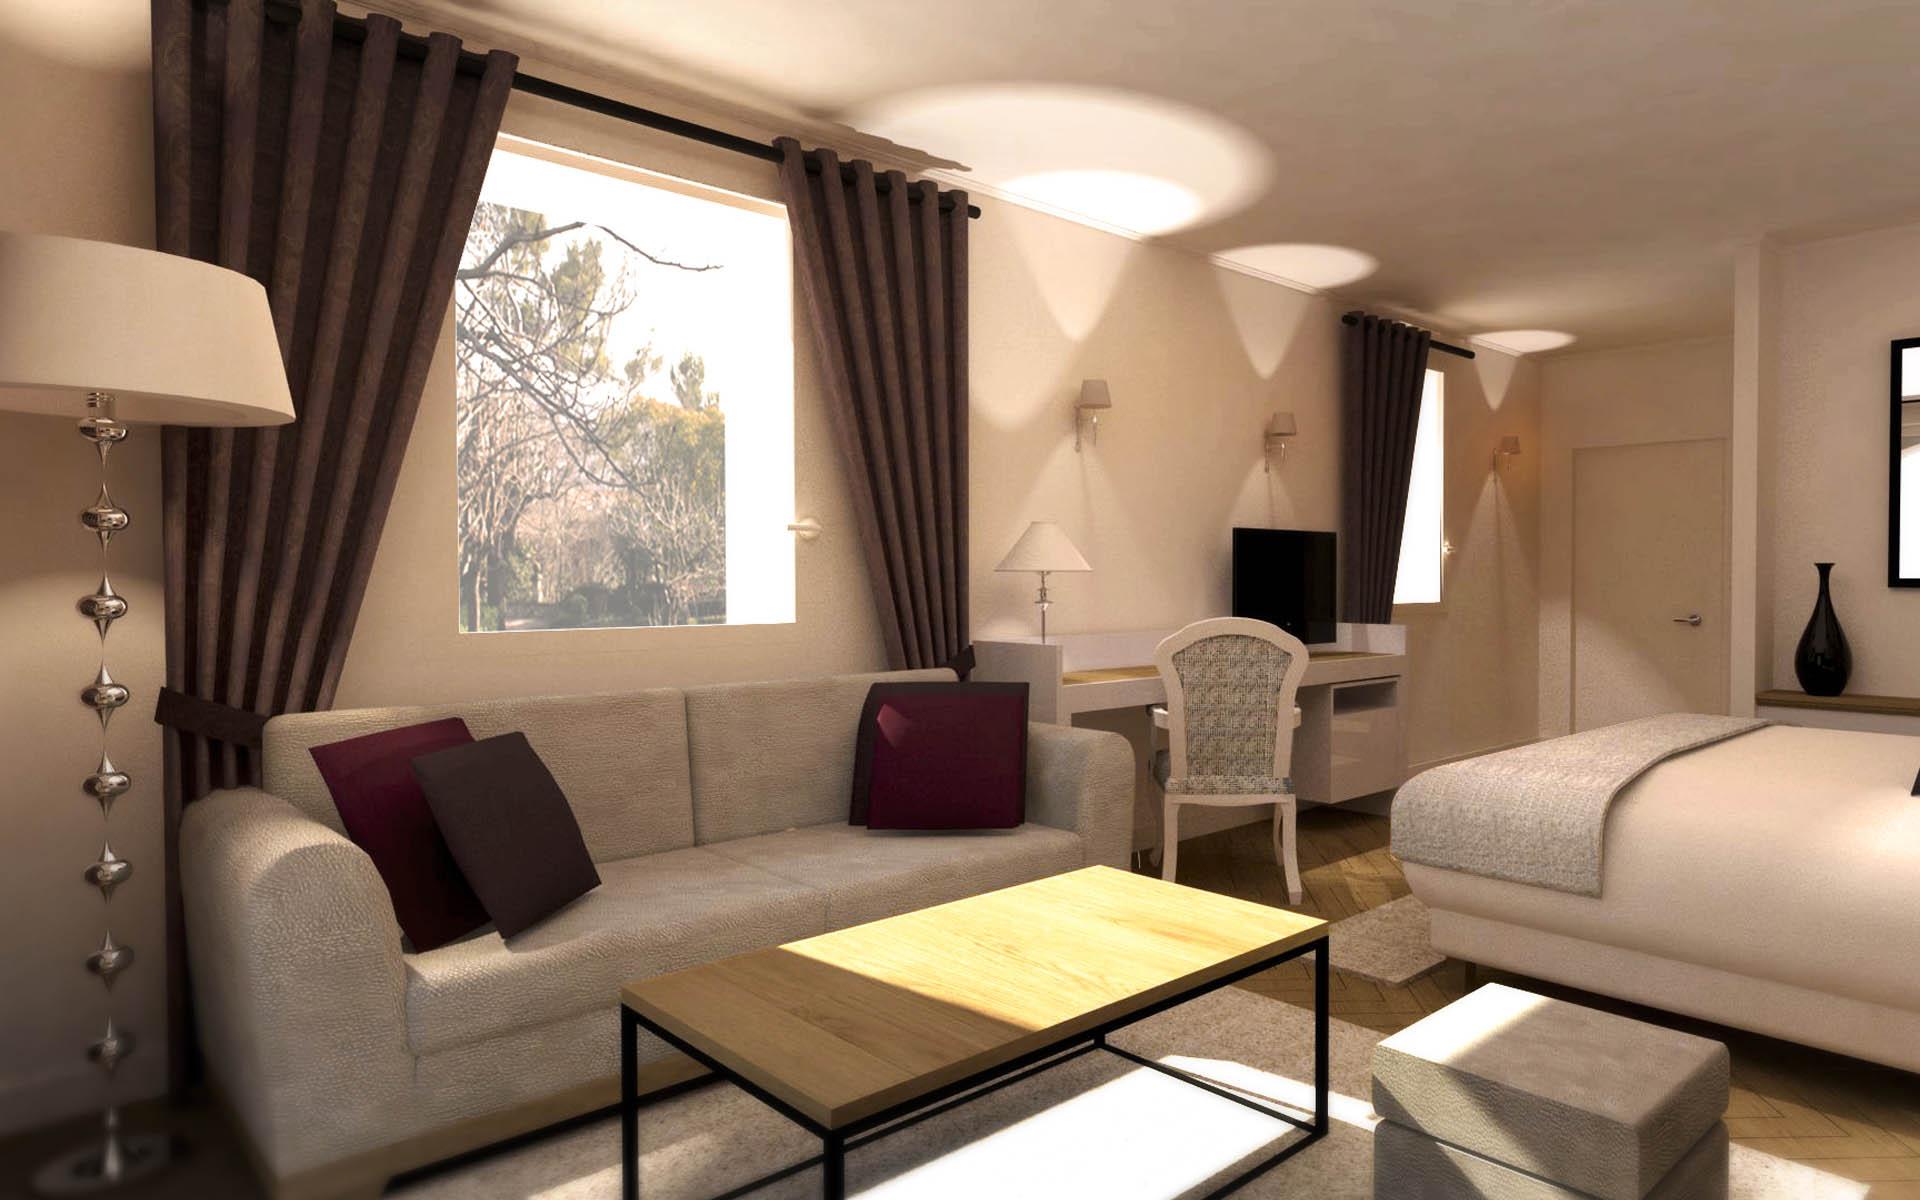 Architecte intérieur Hotel - Aix en provence 7